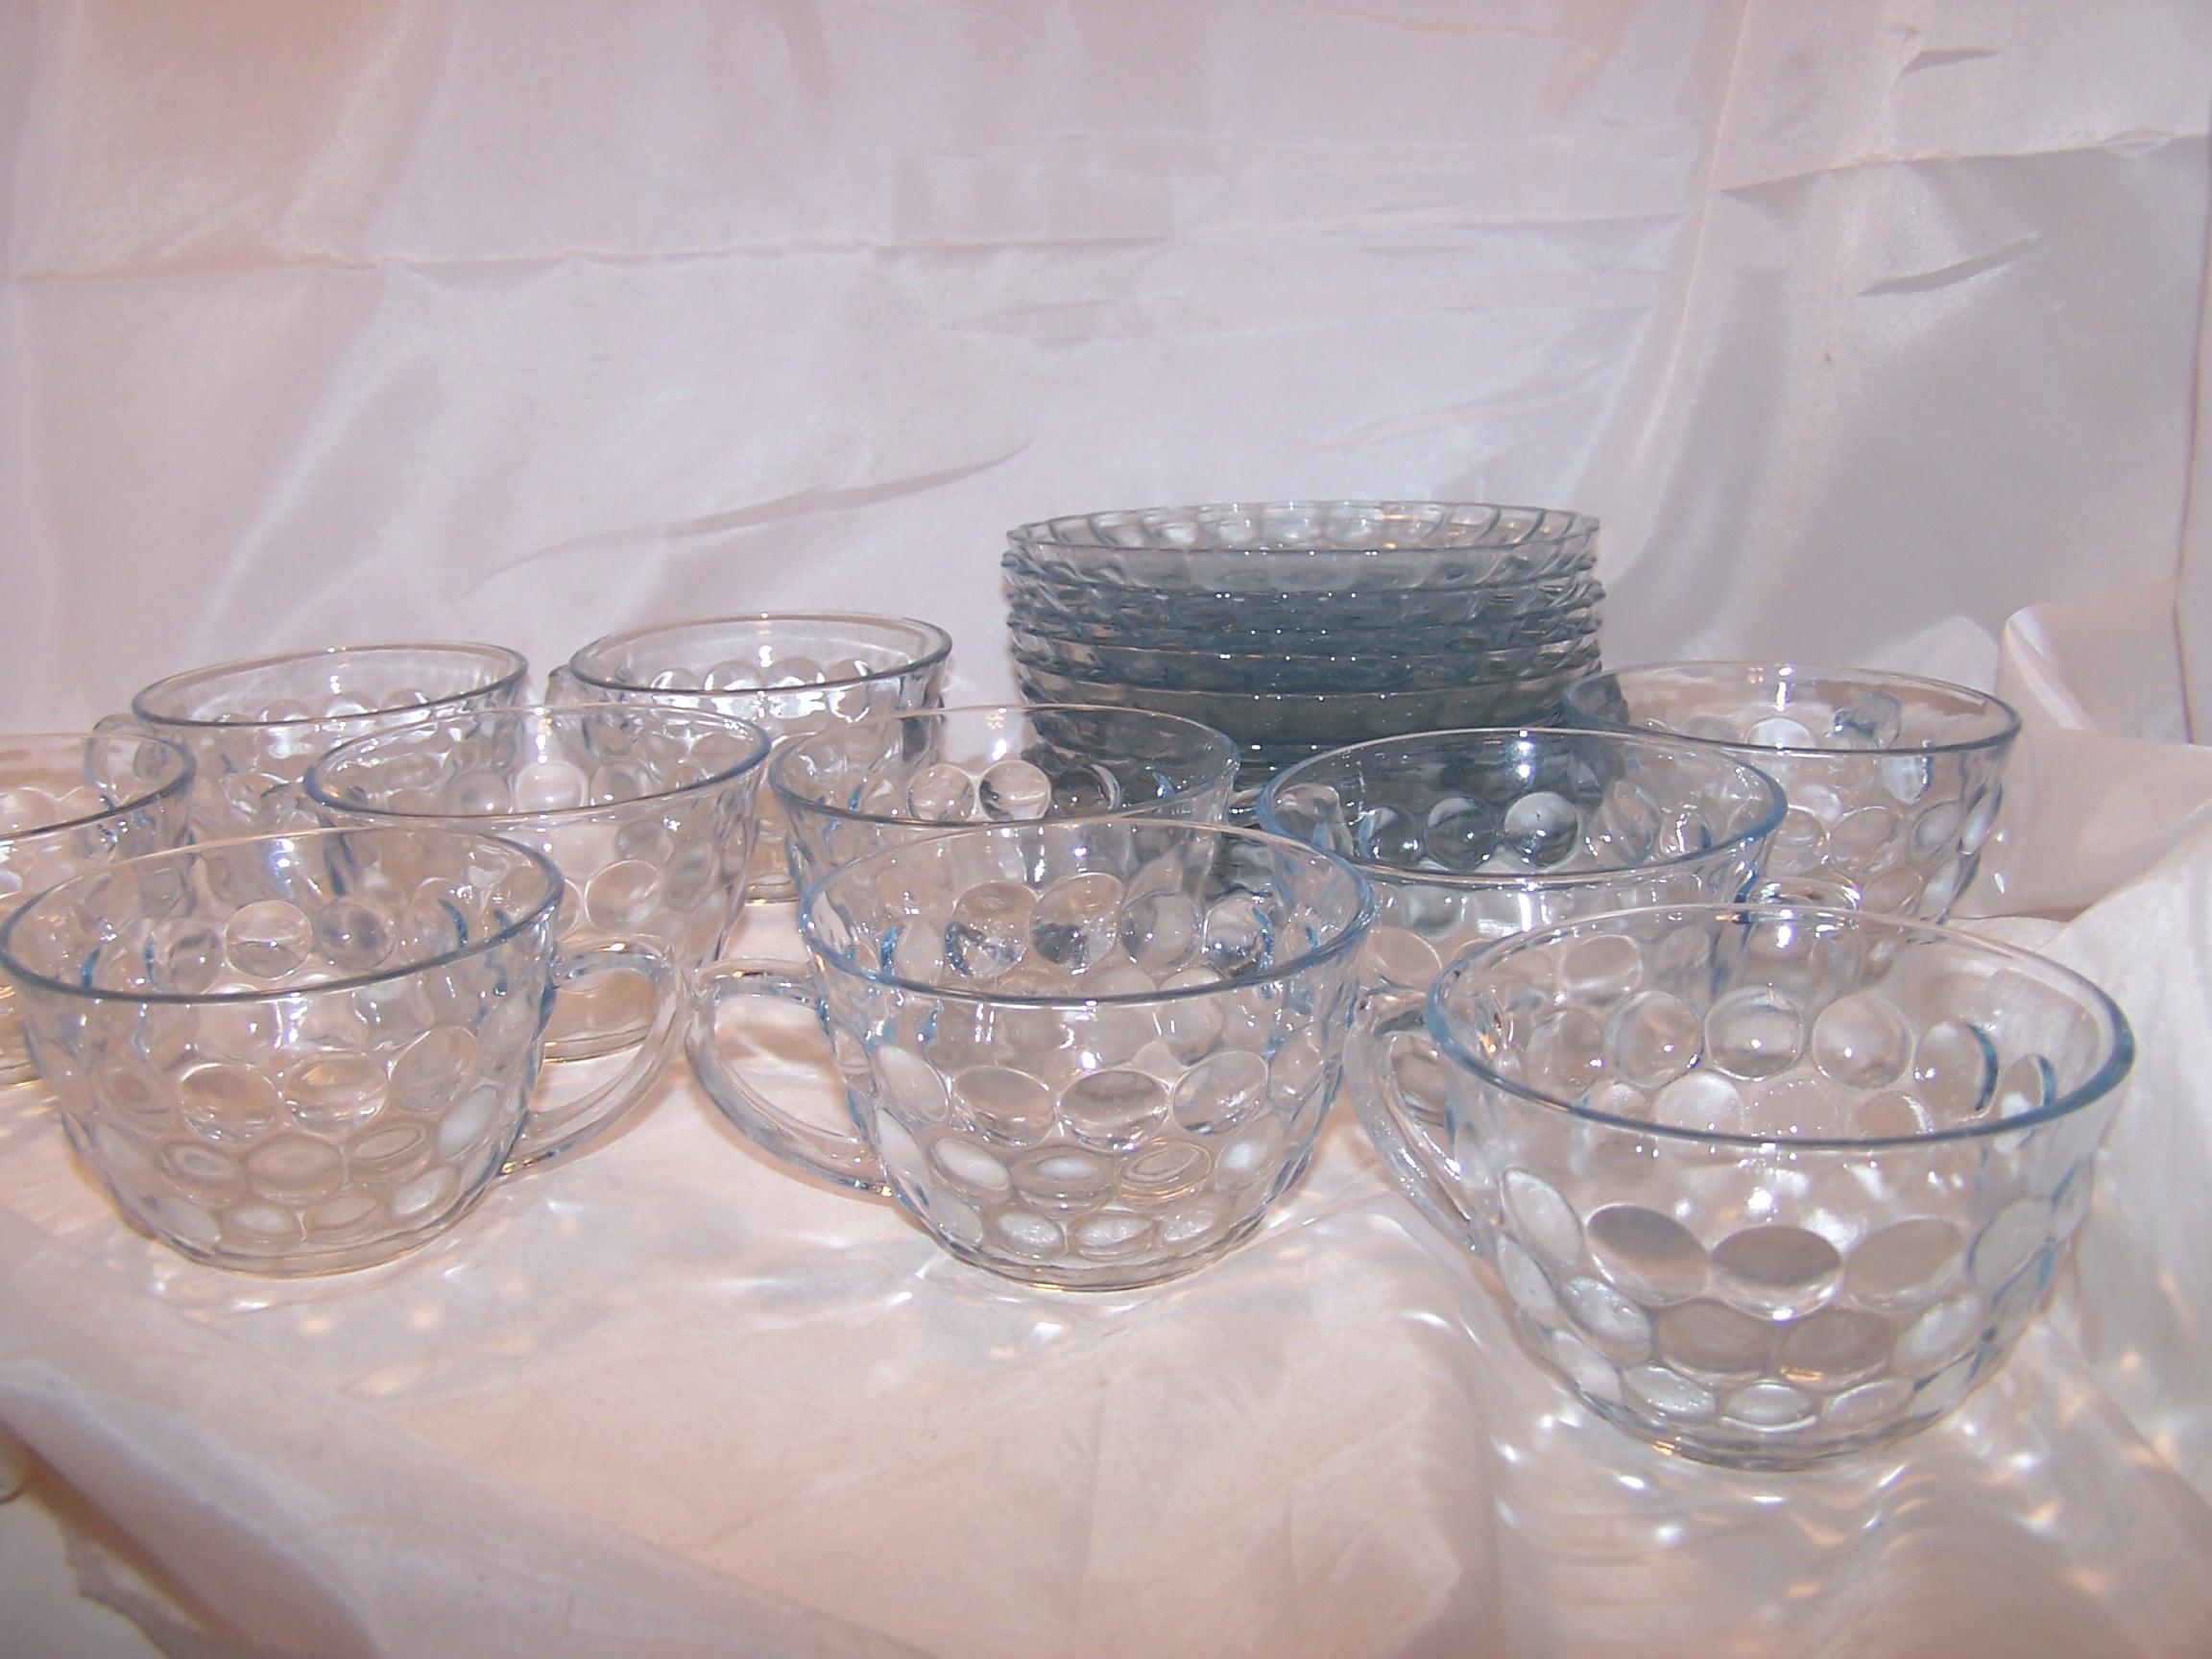 Image 3 of Hobnail Glass Teacup, Saucer Service for 10, Vintage